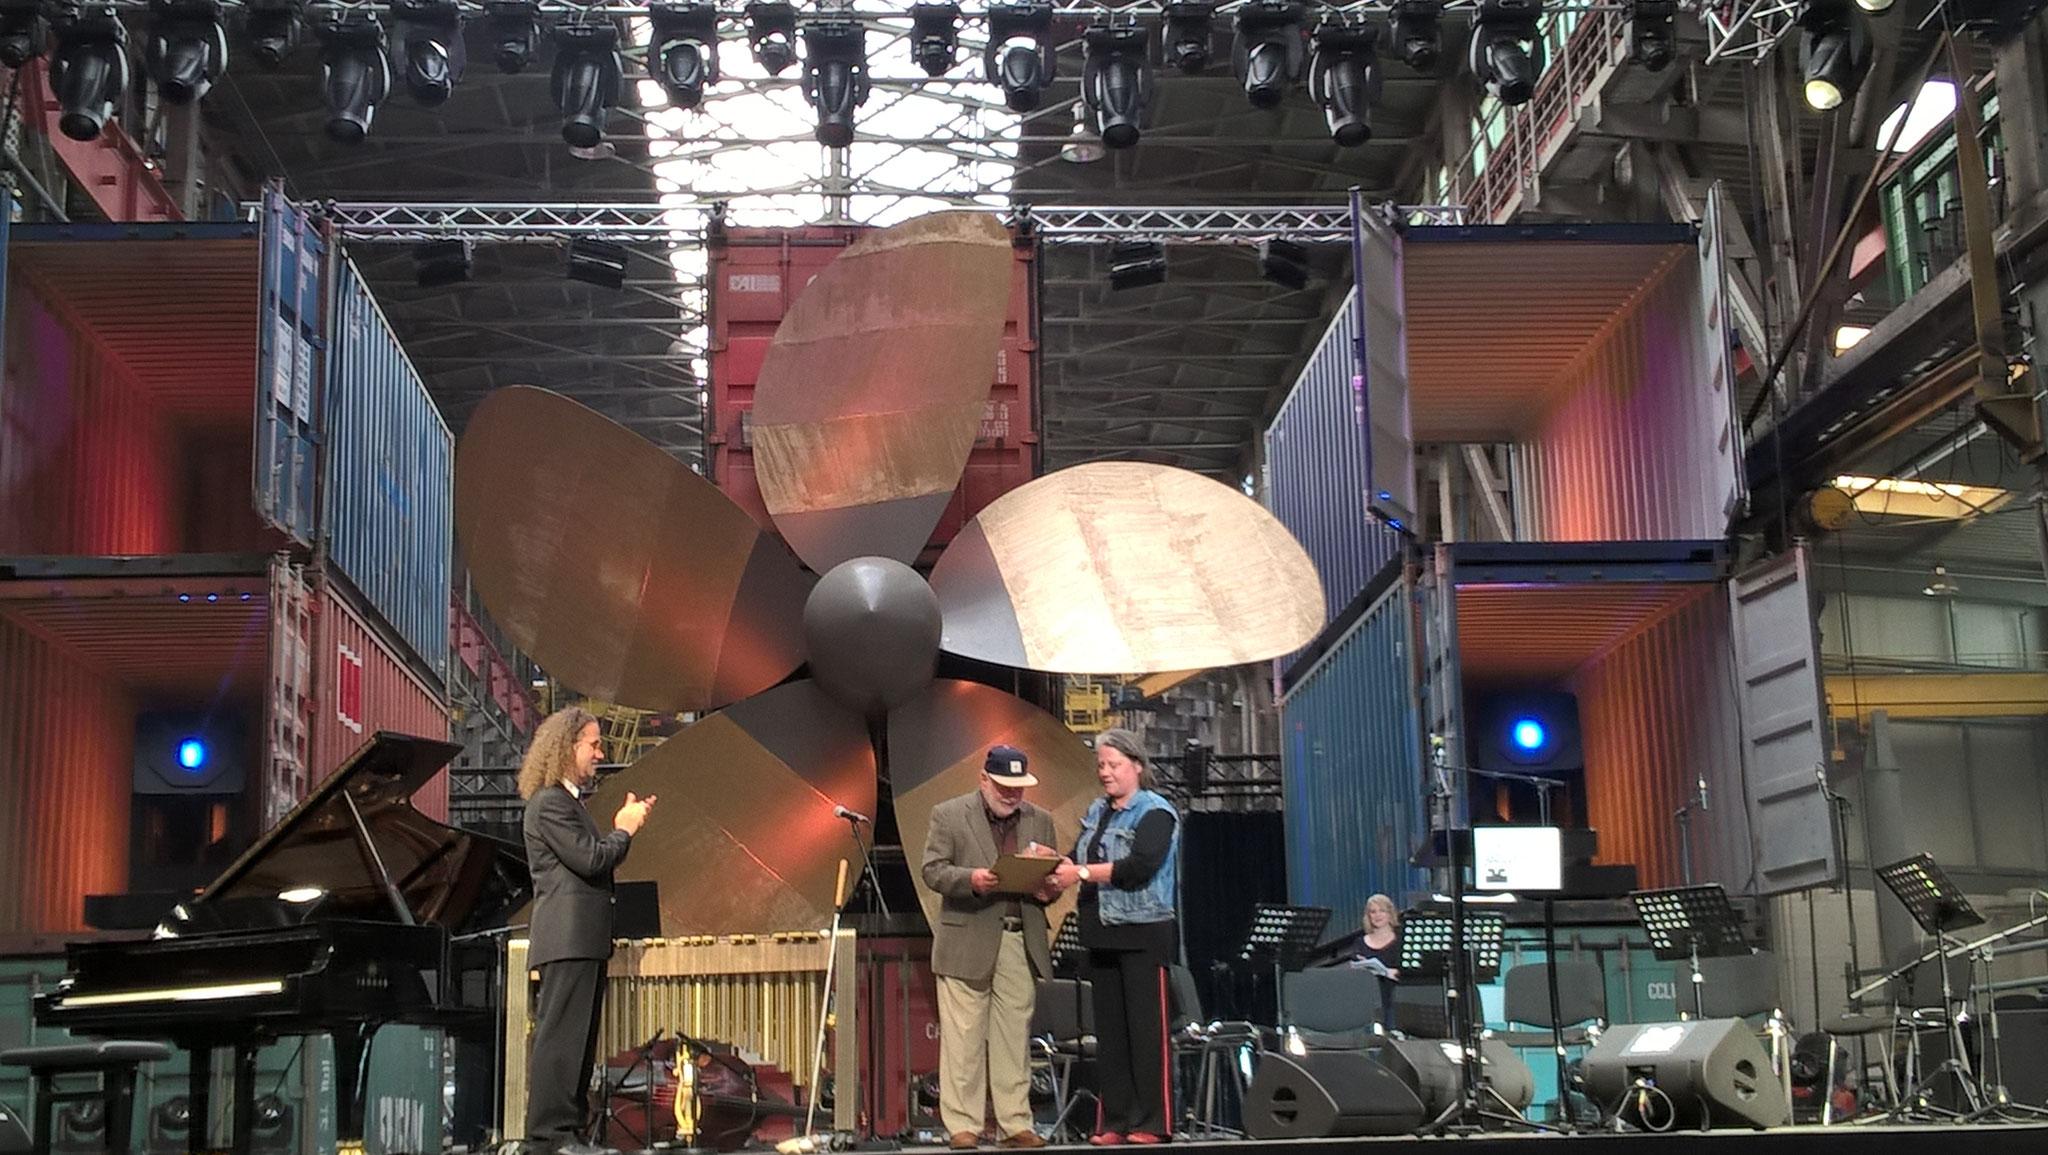 Wolfgang Schlüter zusammen mit Wolf Kerschek (links) und Vladislav Sendecki (rechts) bei der Vergabe des Hamburger Jazzpreises 2017 (Fotocredit: Sabine Bachmann)